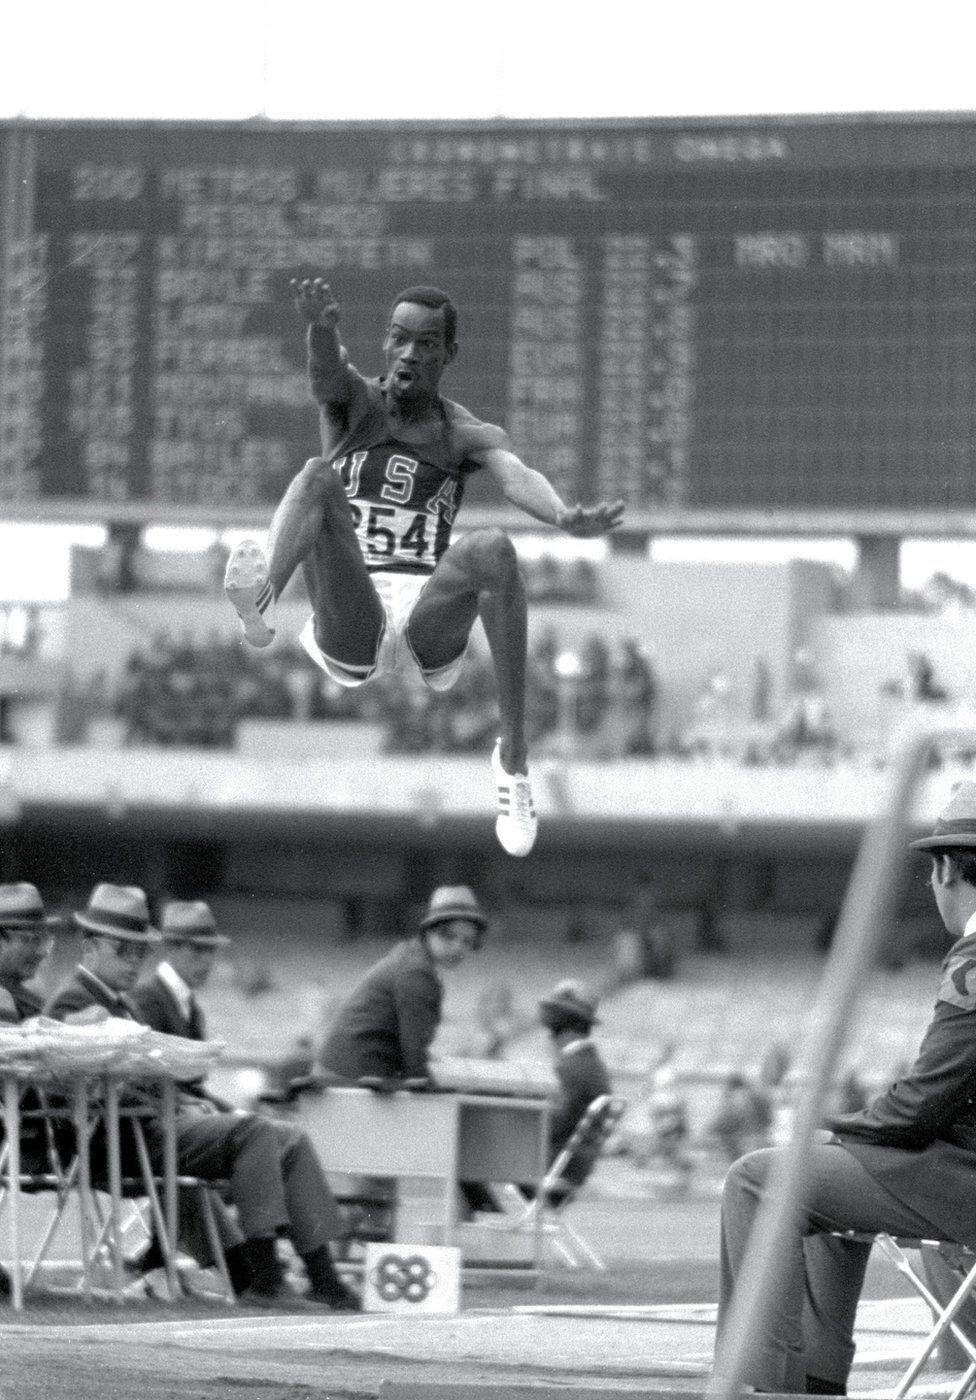 Bob Beamon, de los Estados Unidos, rompe el récord de salto de longitud durante los juegos de México en 1968.